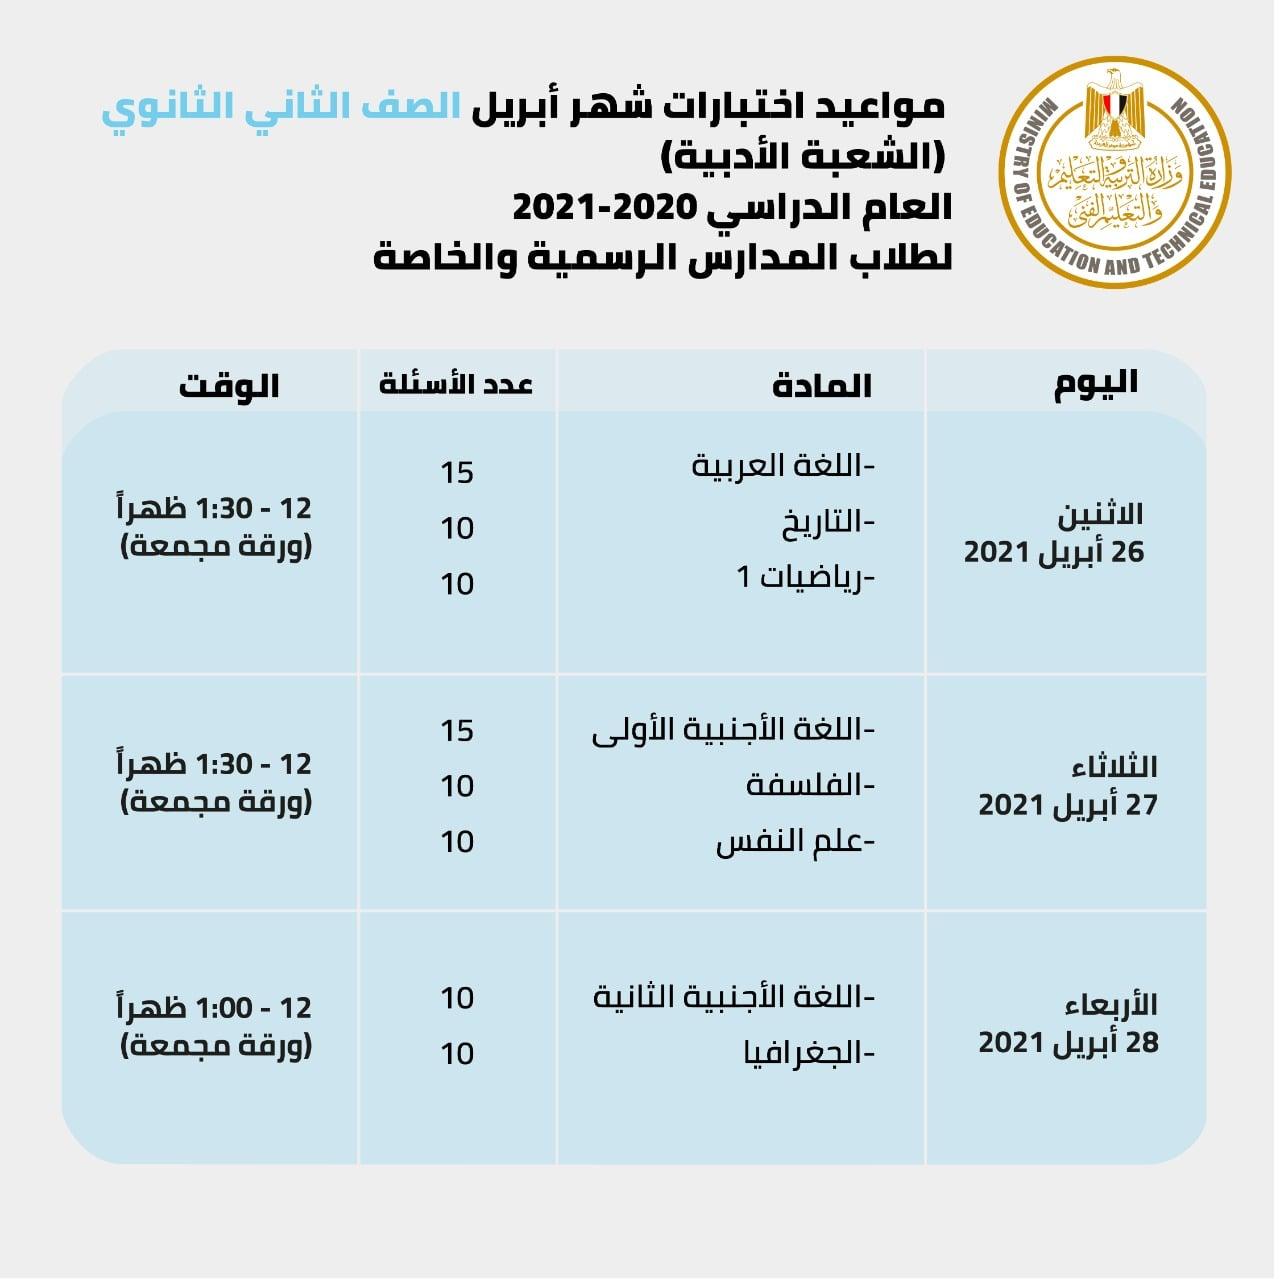 وزير التعليم:  امتحانات أبريل في مواعيدها 5